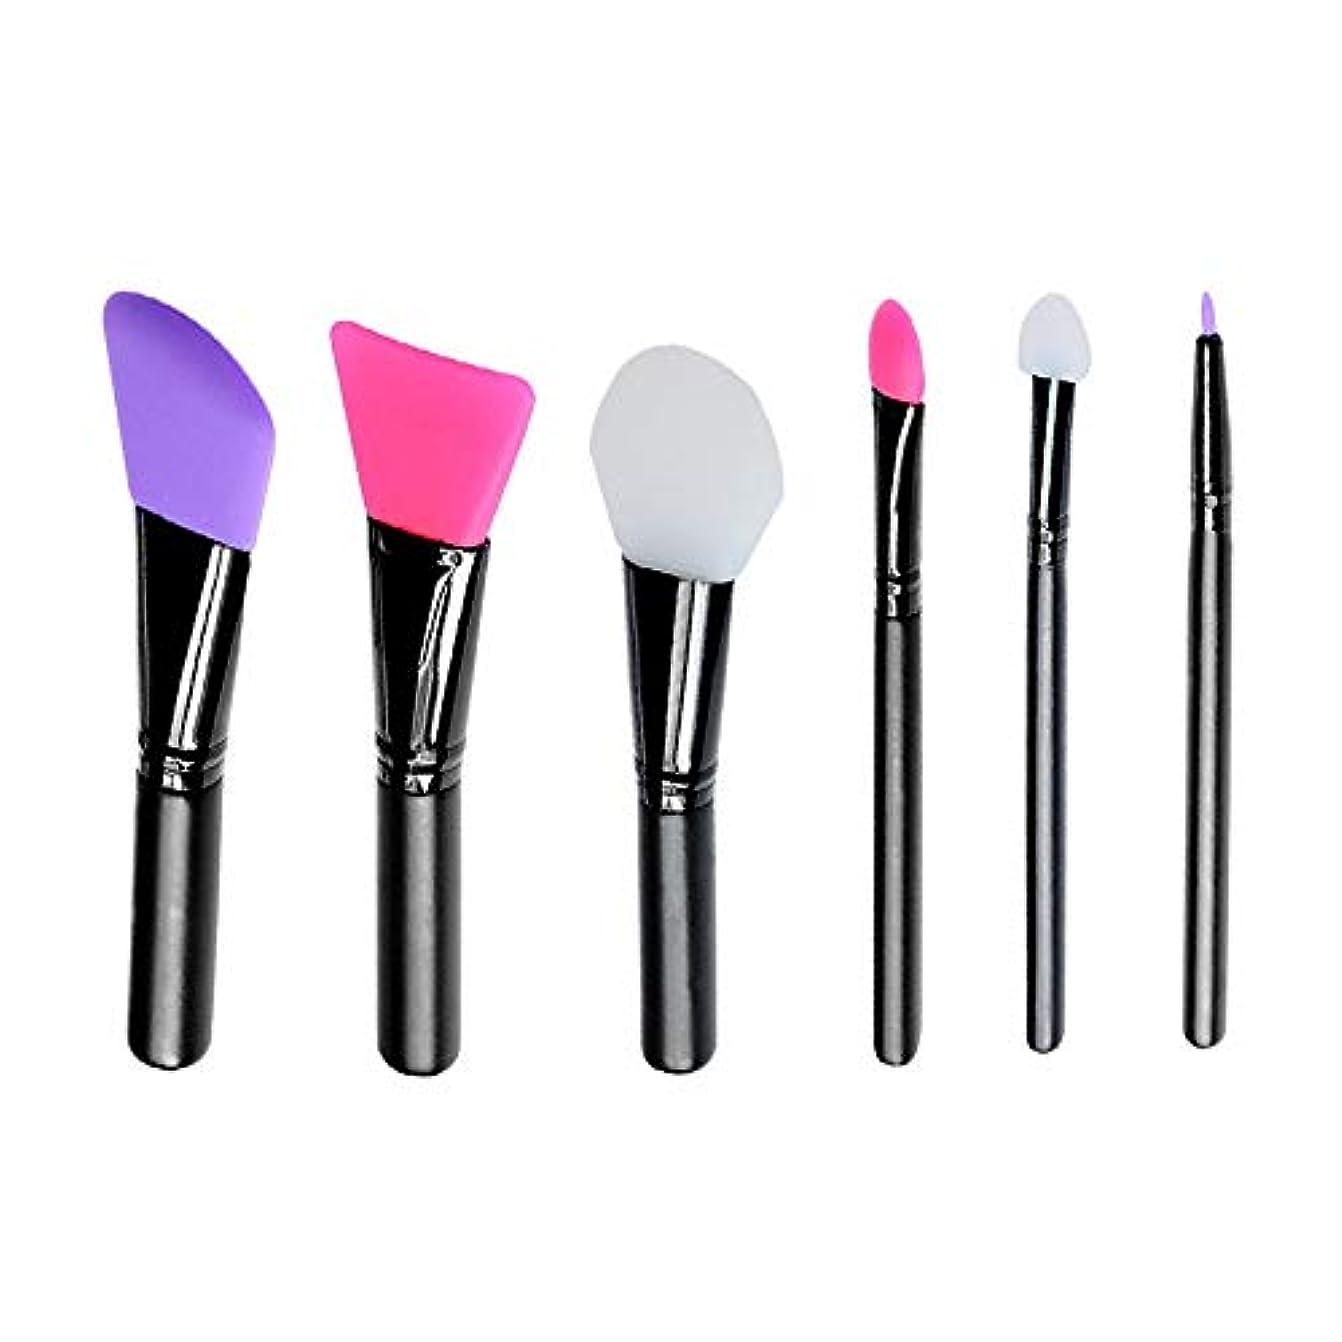 プライバシーアライアンス請うMakeup brushes カラーメイクアップ6シリコーン混合マスクブラシ suits (Color : Black)